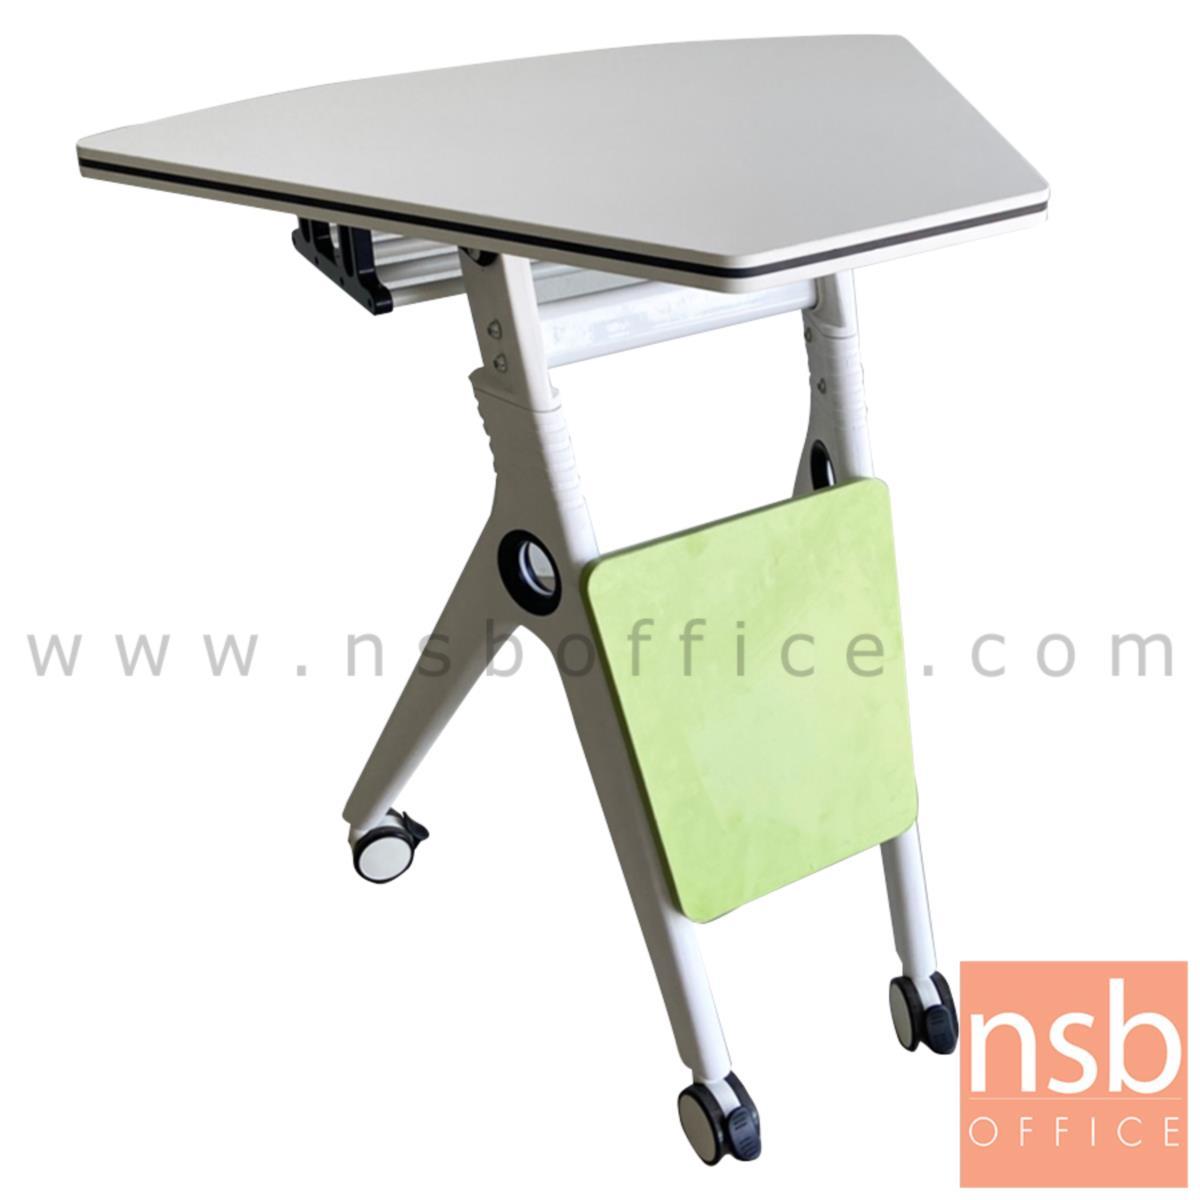 B30A054:โต๊ะพับล้อเลื่อน 1/6 รุ่น grass (แกรส)  มีที่เก็บของใต้โต๊ะ